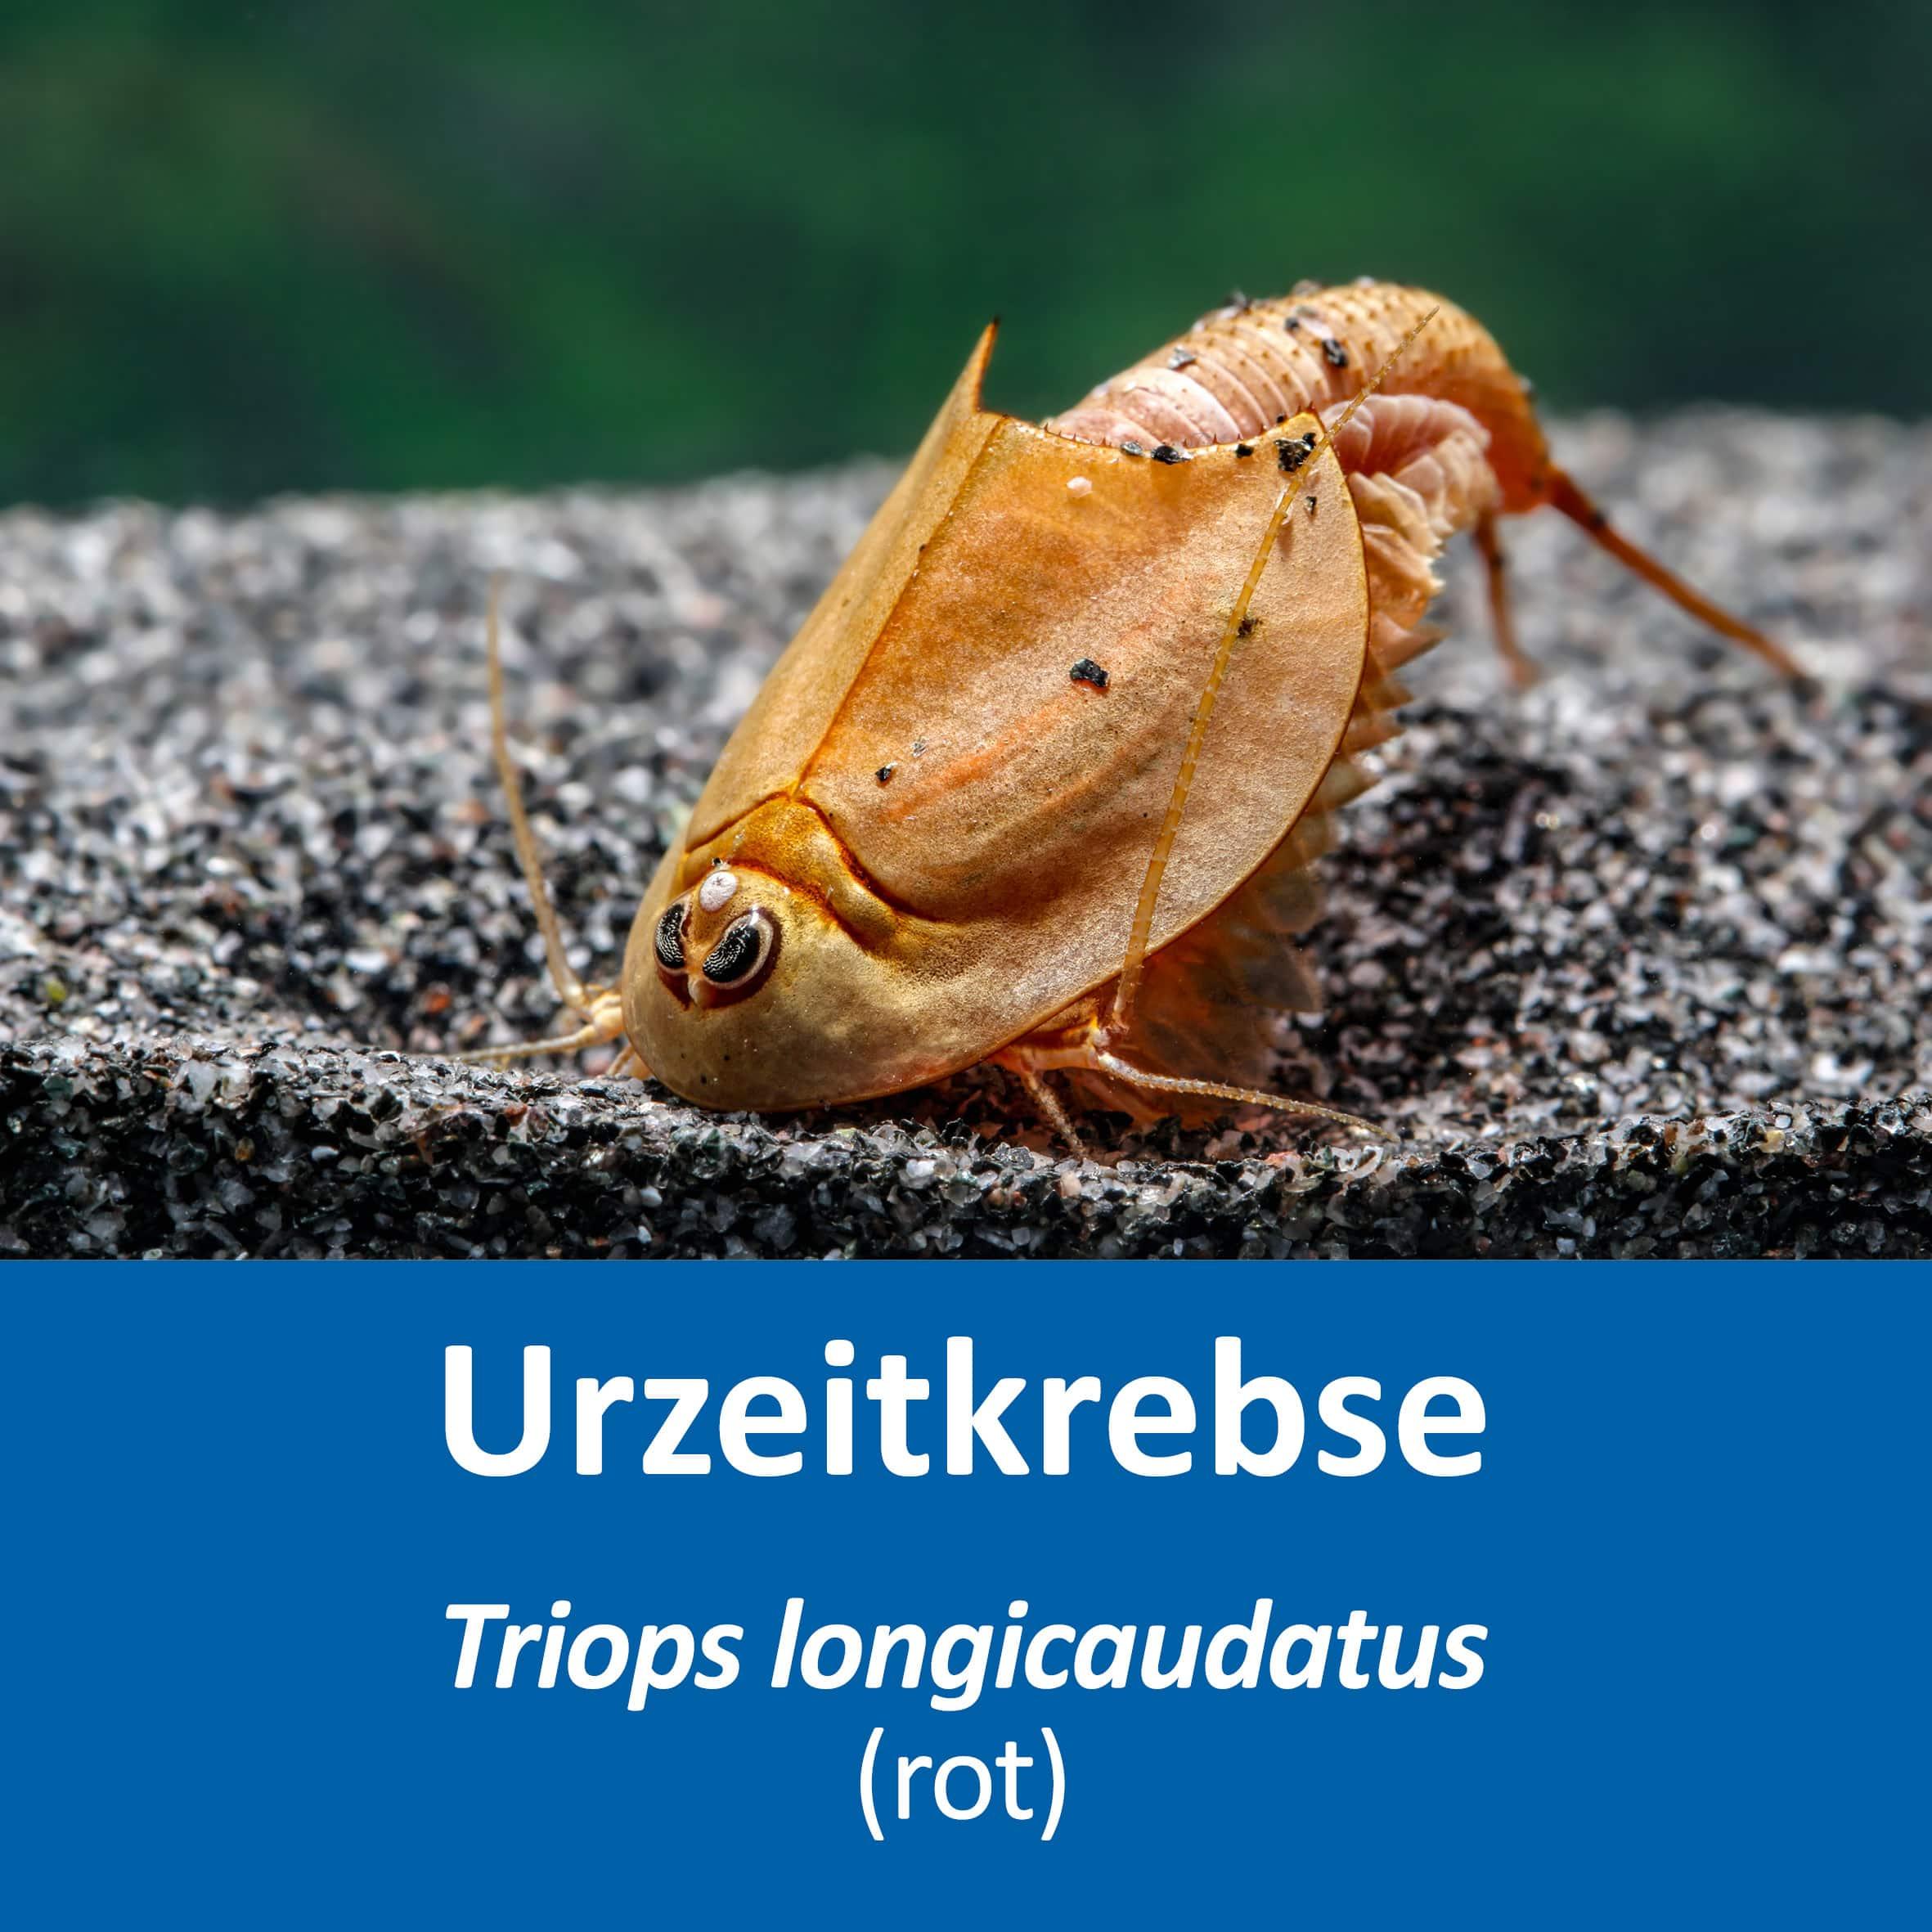 Triops longicaudatus (rot)